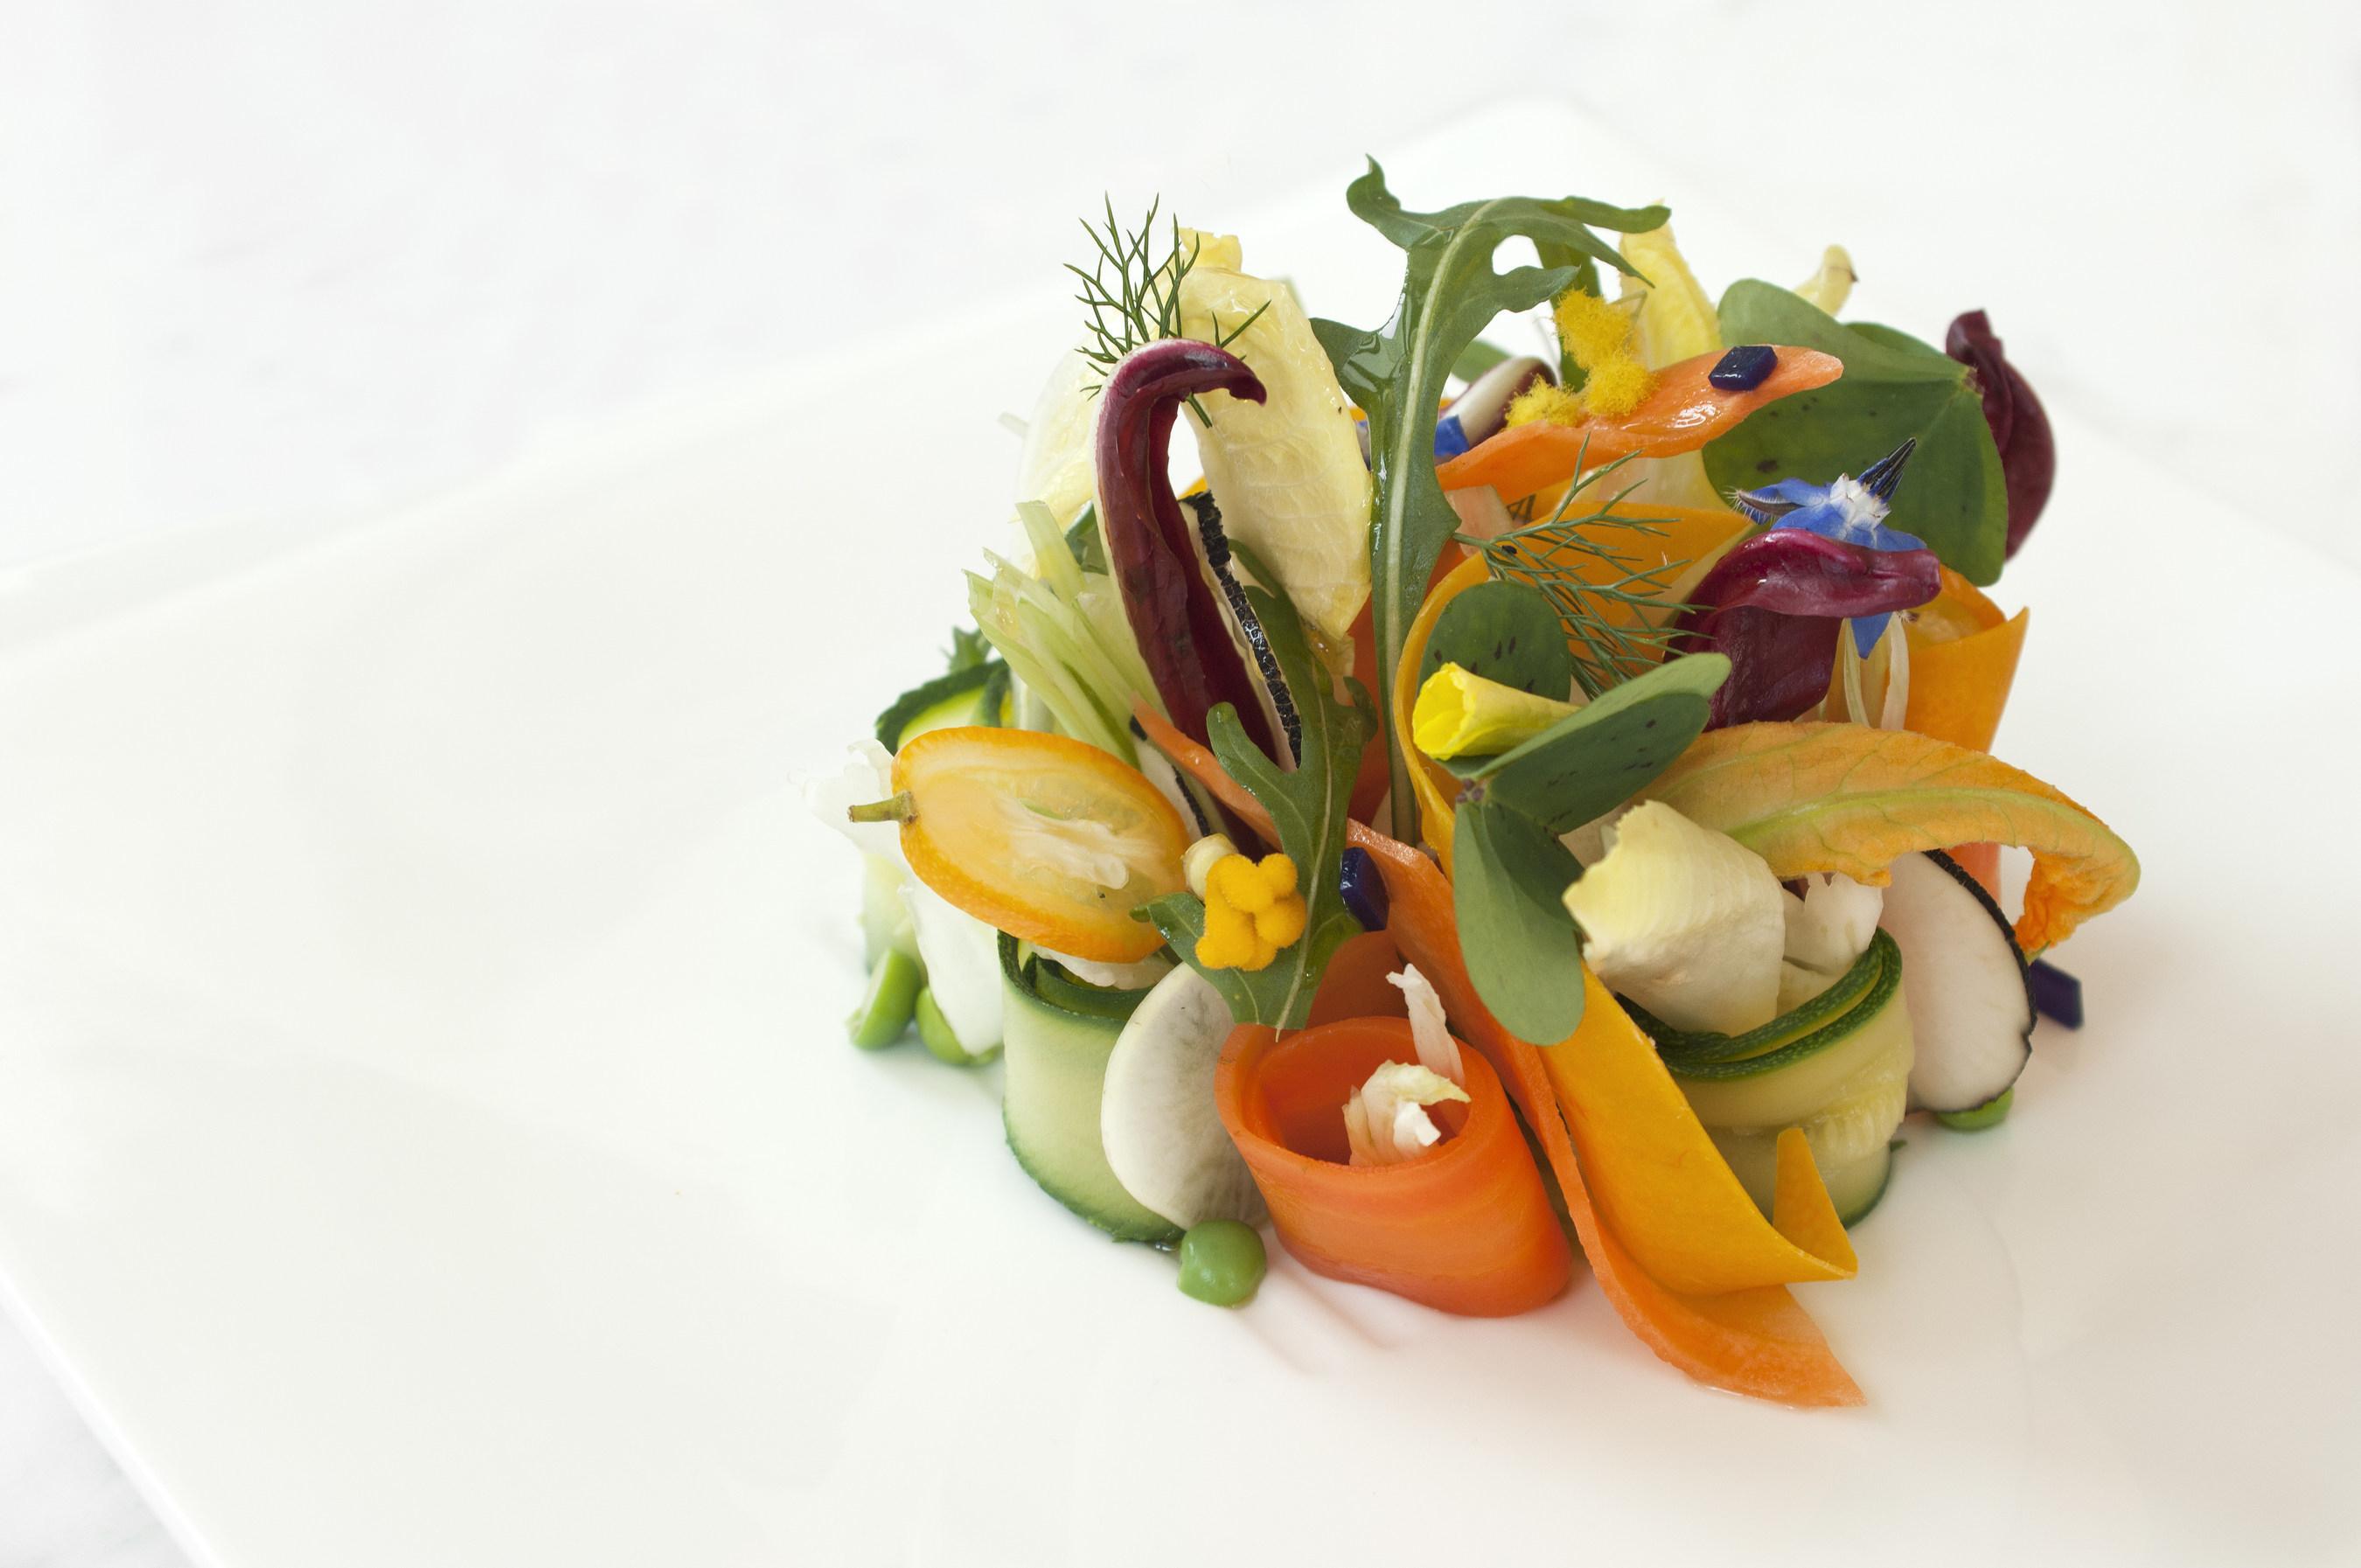 Bio Sama, Chef Paolo Sari's signature dish(C) Monte-Carlo SBM